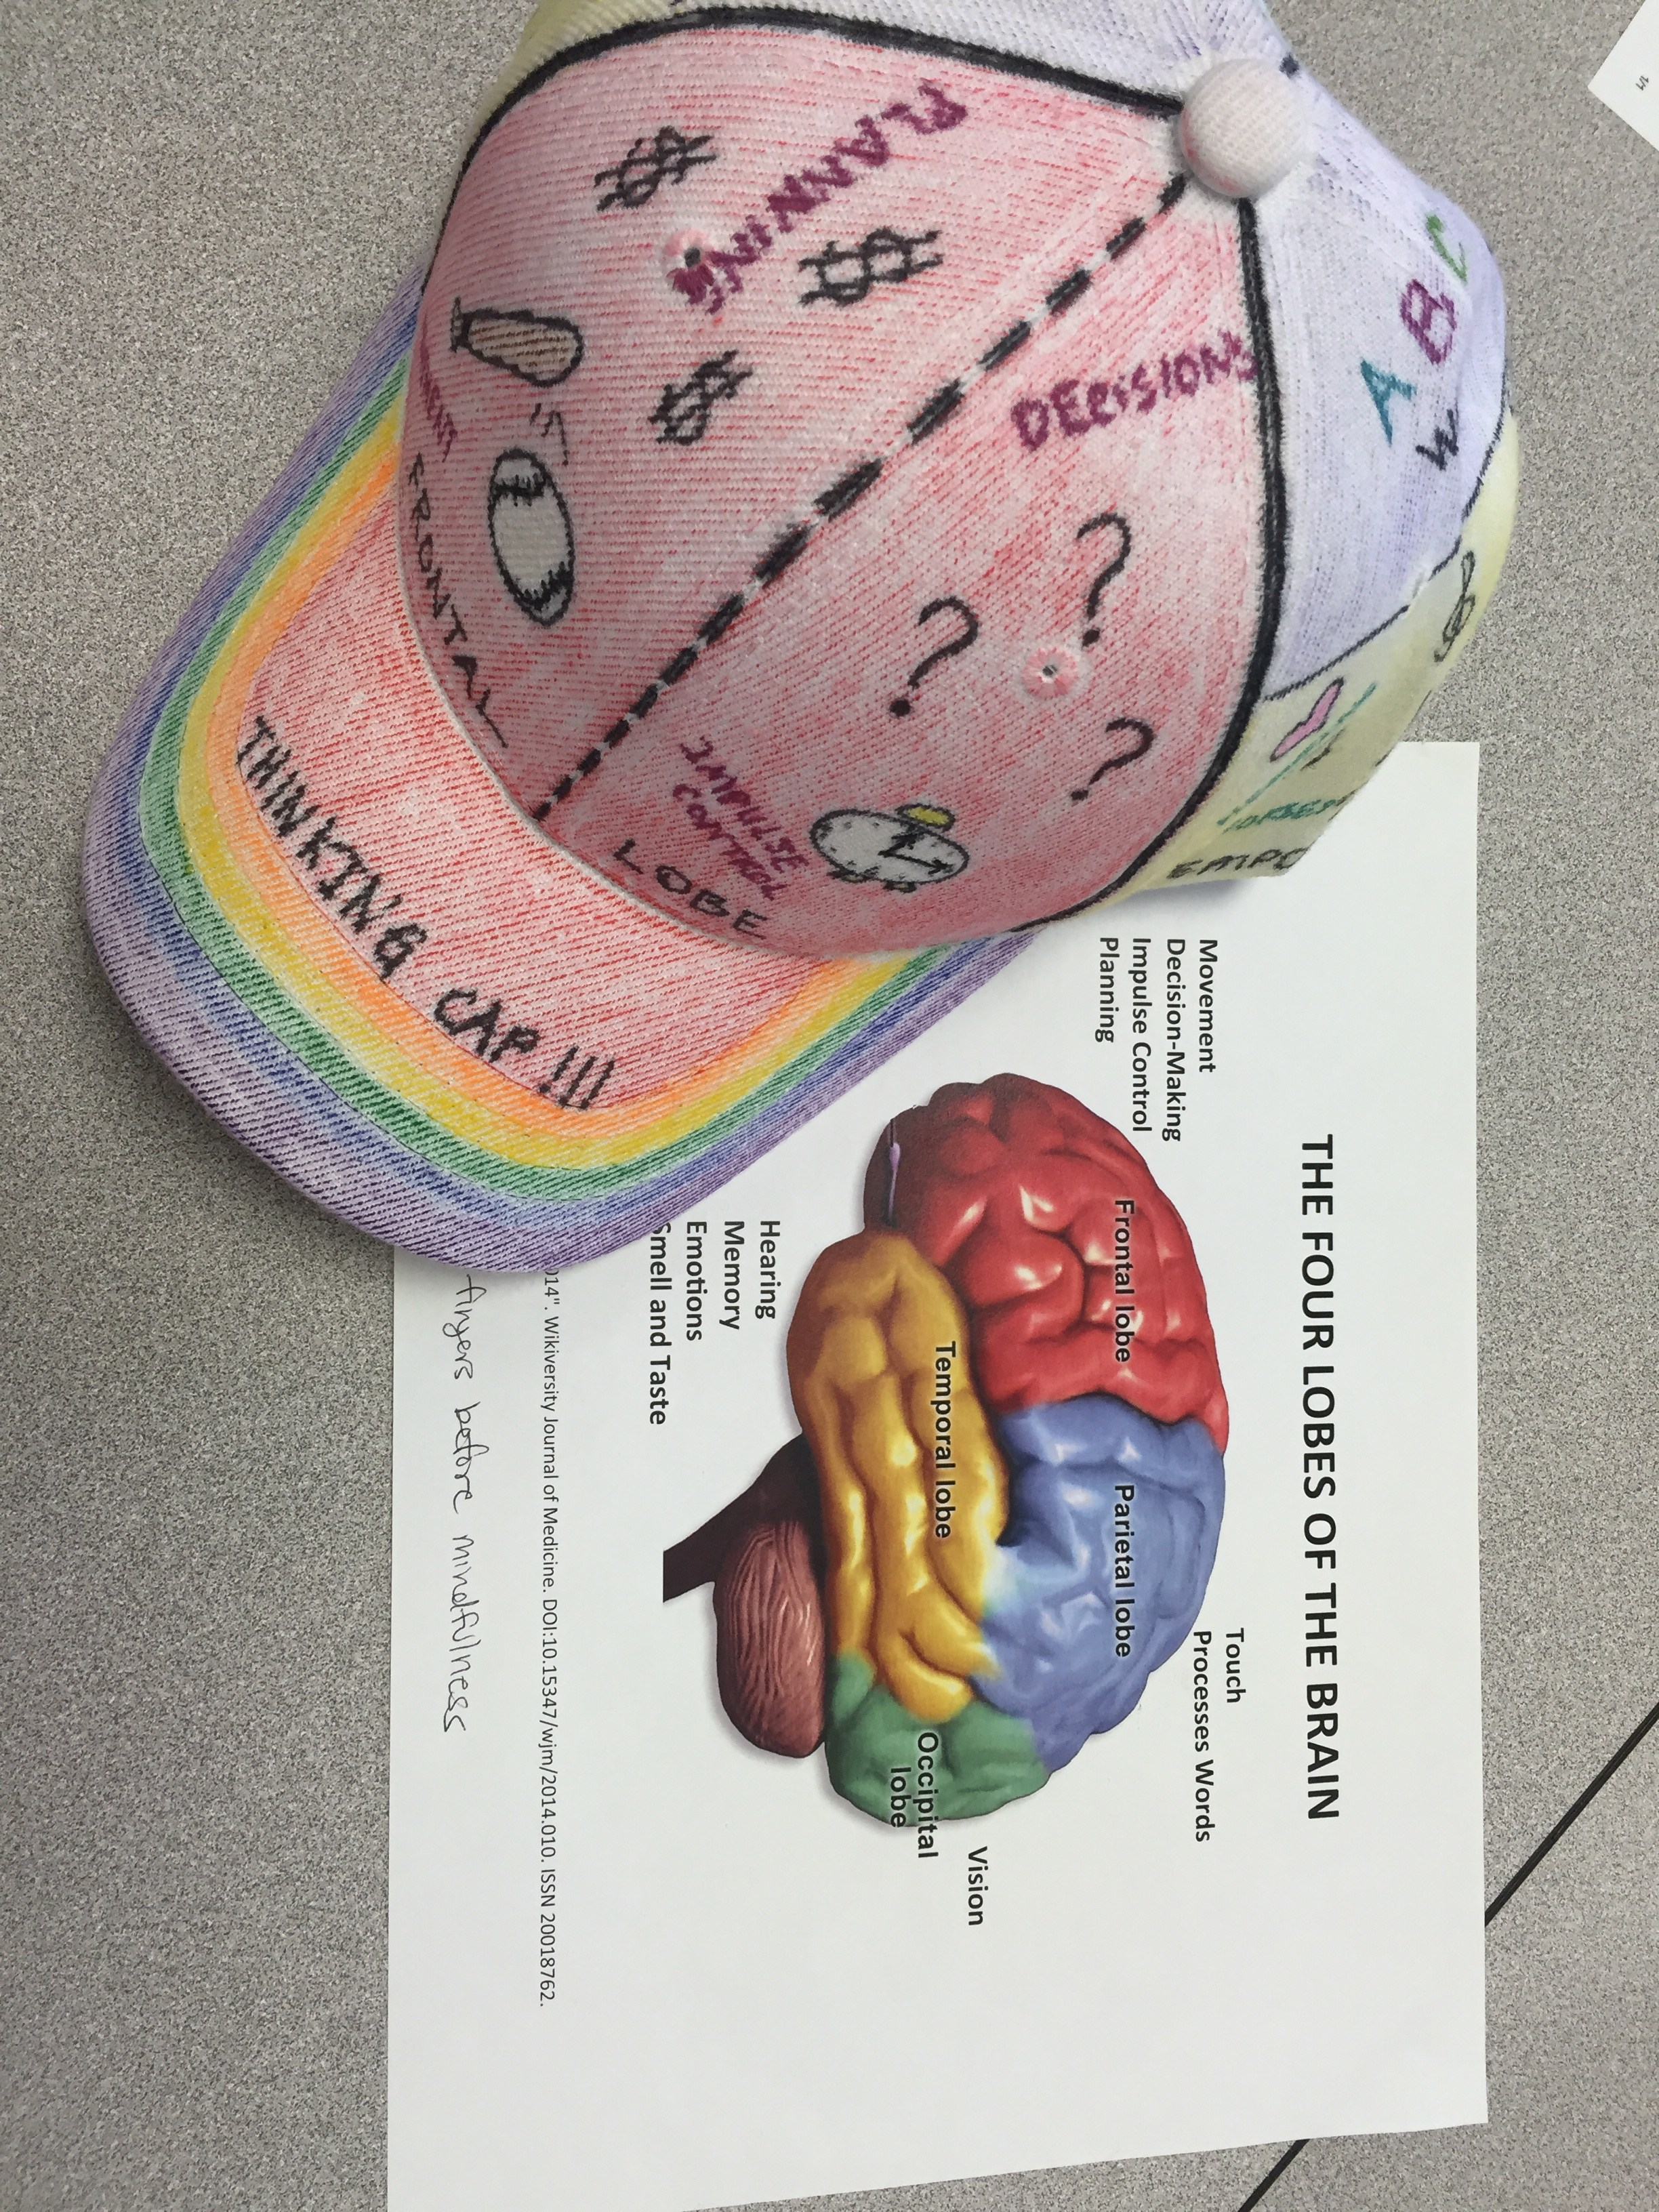 Teacher PD on Neuroscience